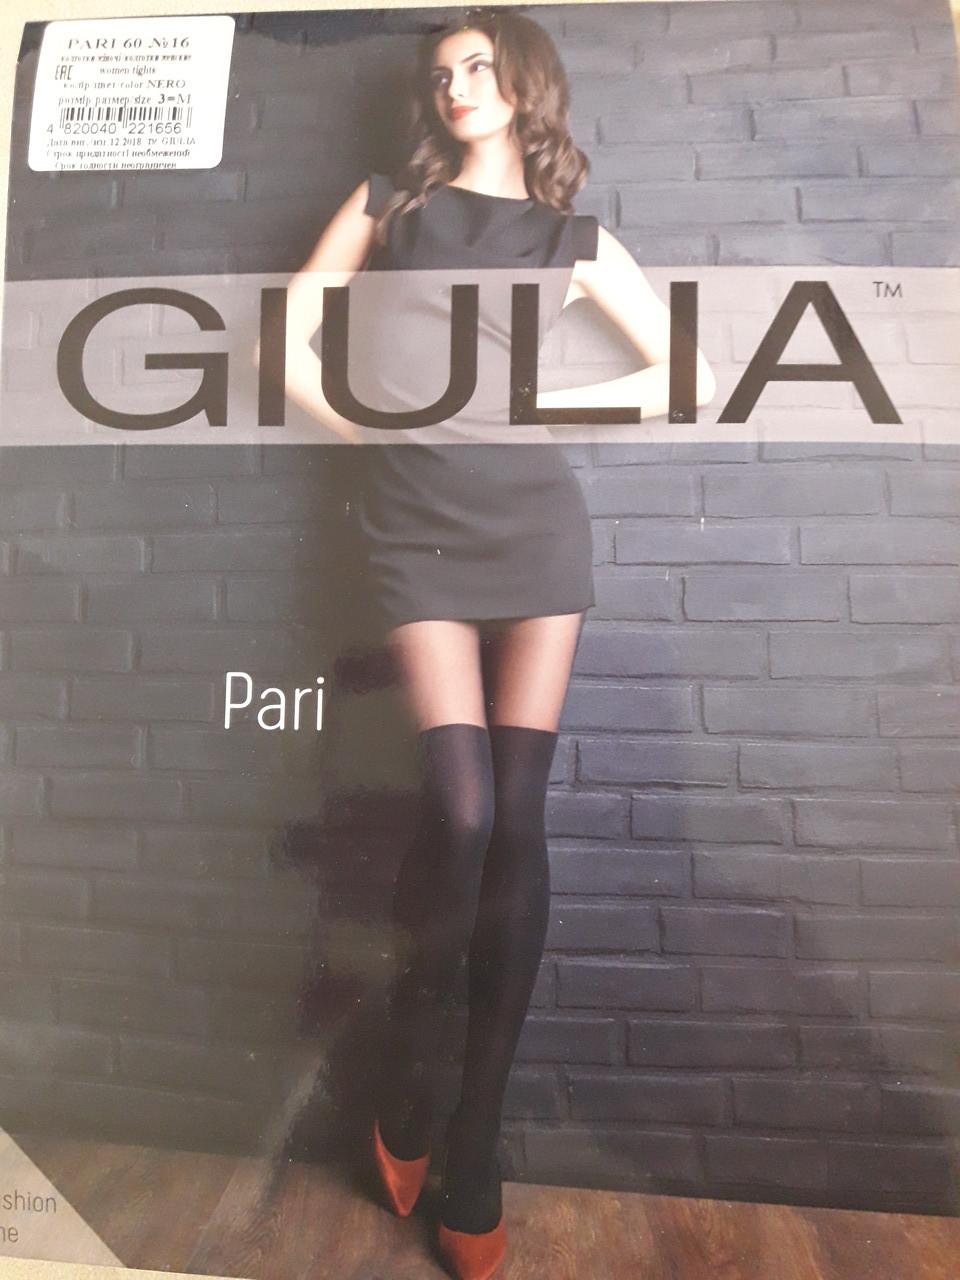 Фантазийные колготки с имитацией чулков GIULIA PARI 60 model 16